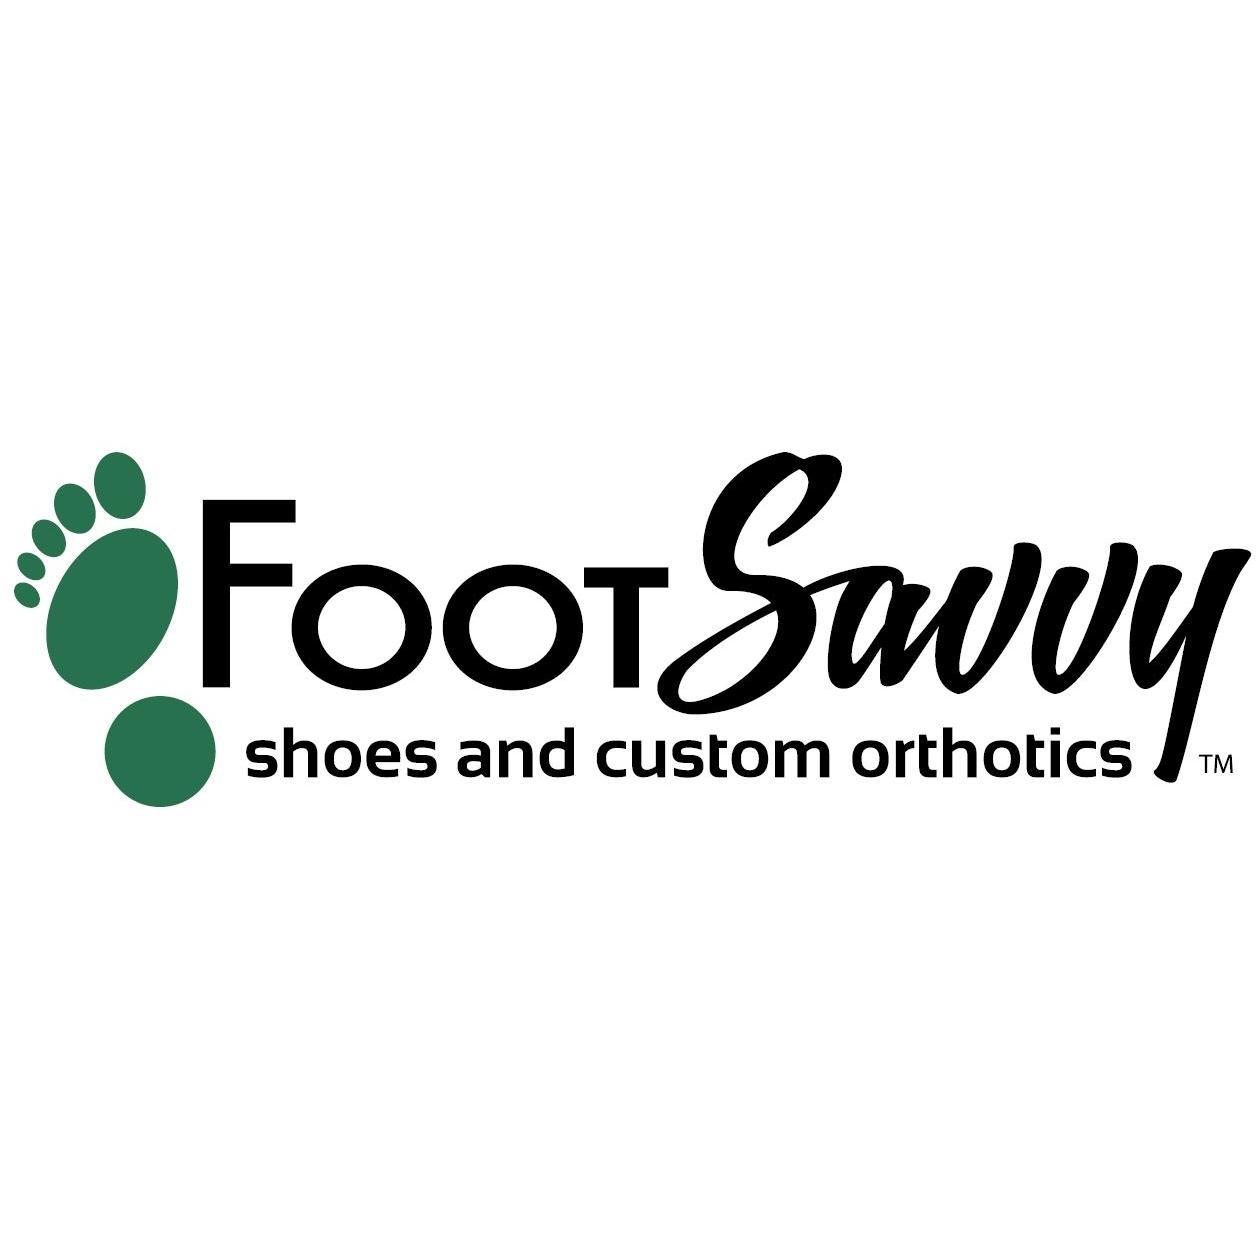 Foot Savvy